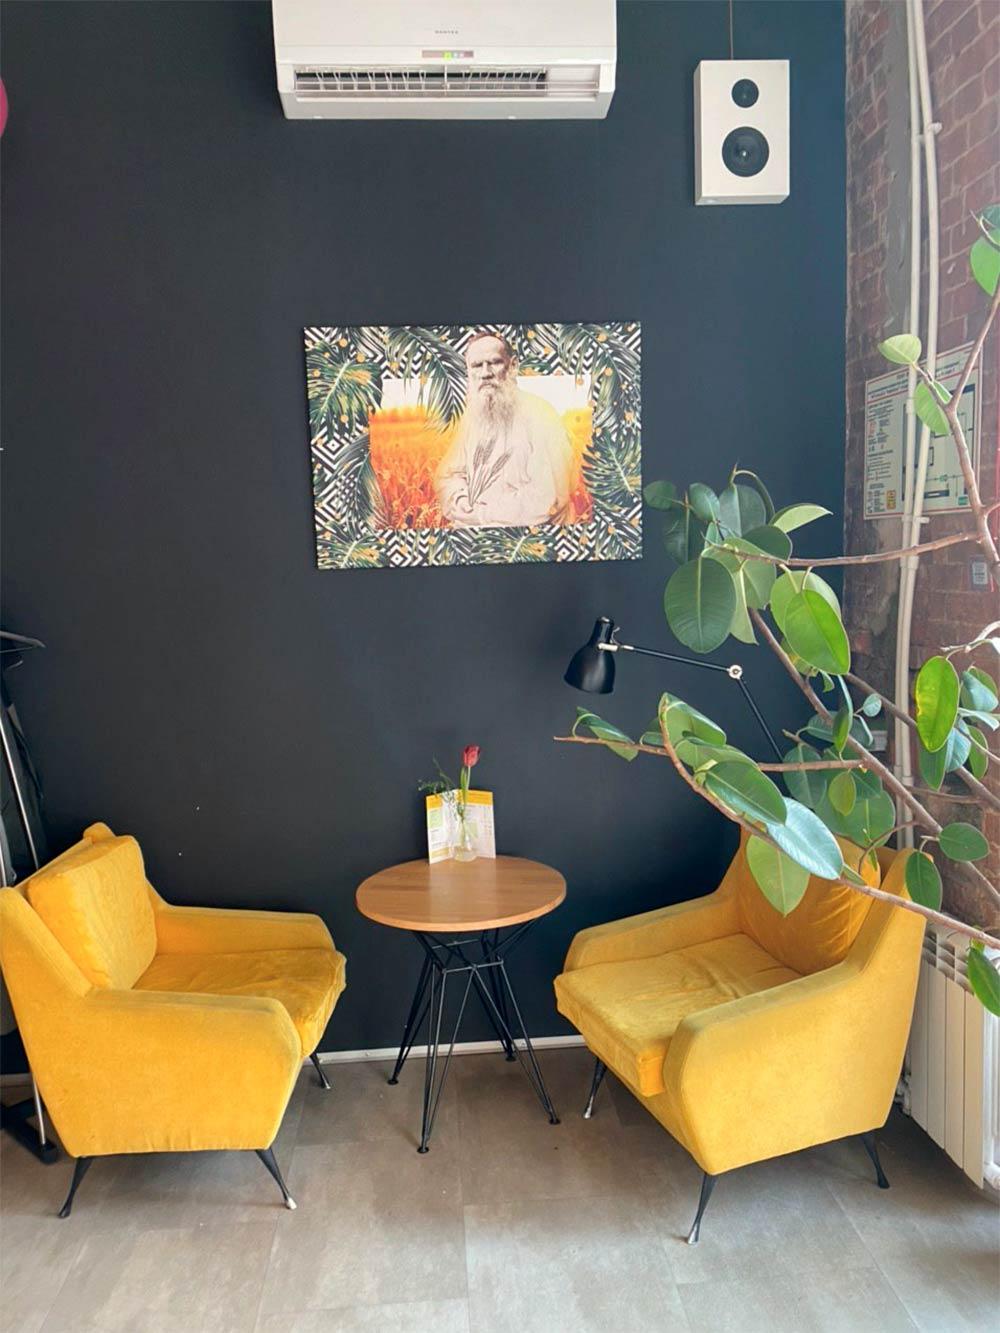 В Туле есть местный мем — Лев Толстой, кафе обыгрывают его в интерьерах. Сидишь, работаешь, а Толстой на тебя смотрит, контролирует